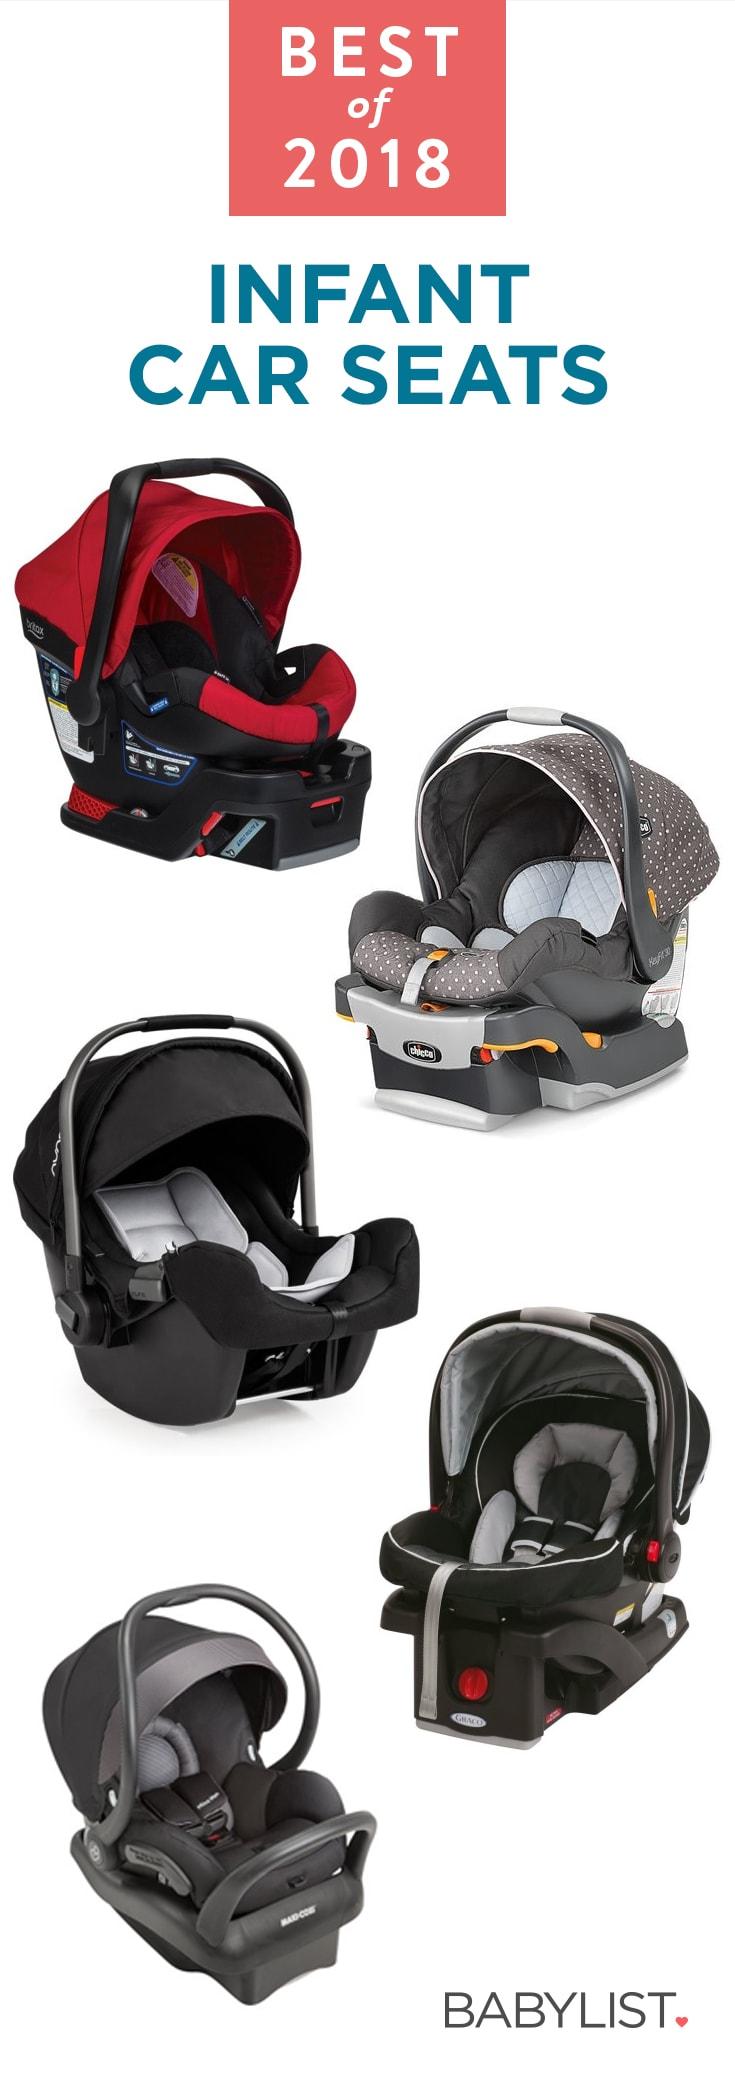 7 Best Infant Car Seats of 2019